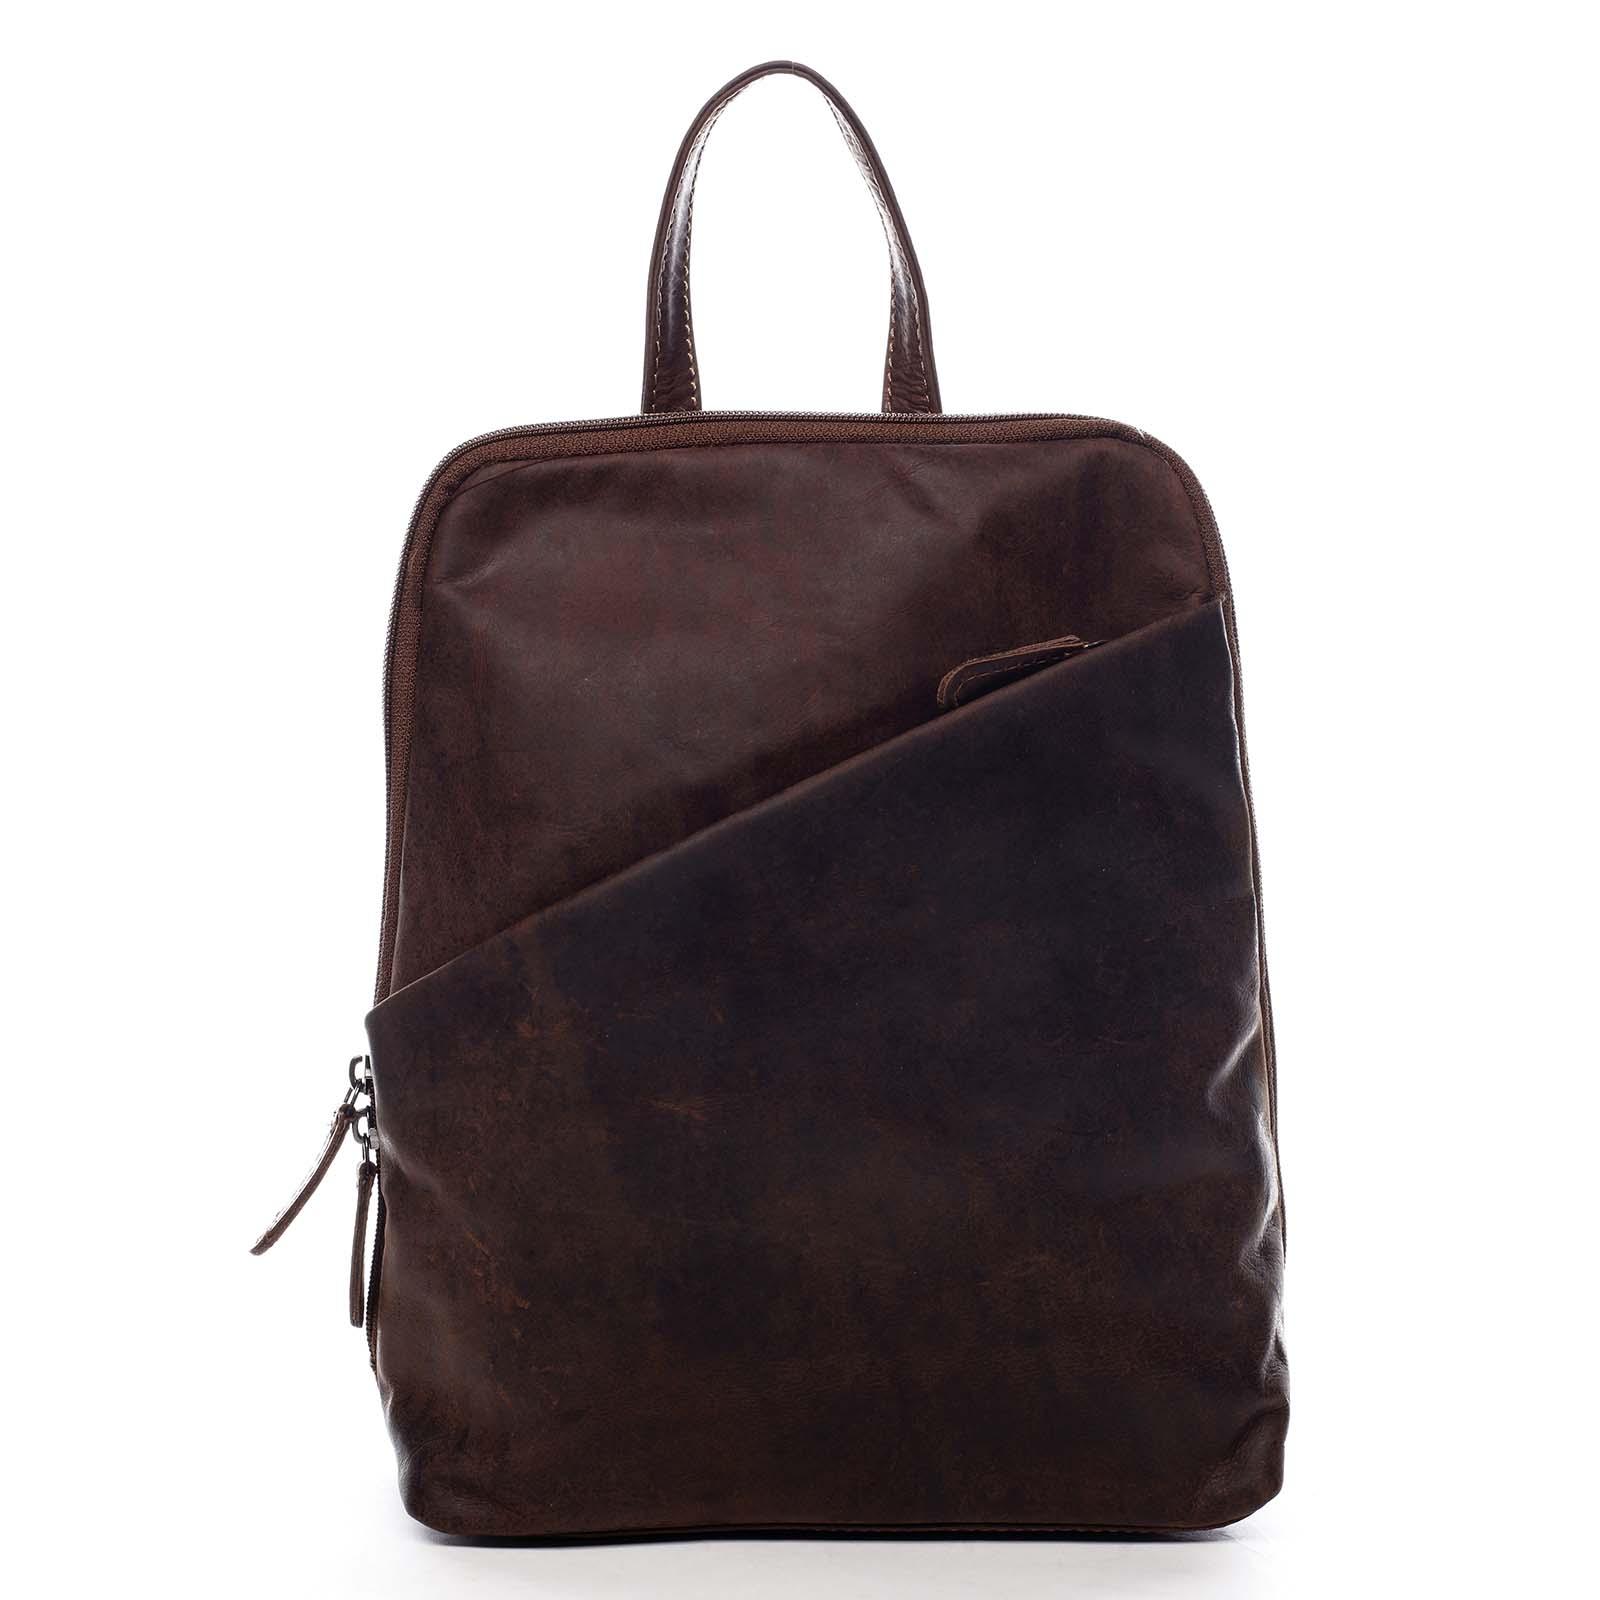 Dámský kožený batůžek hnědý - Greenwood Conan hnědá